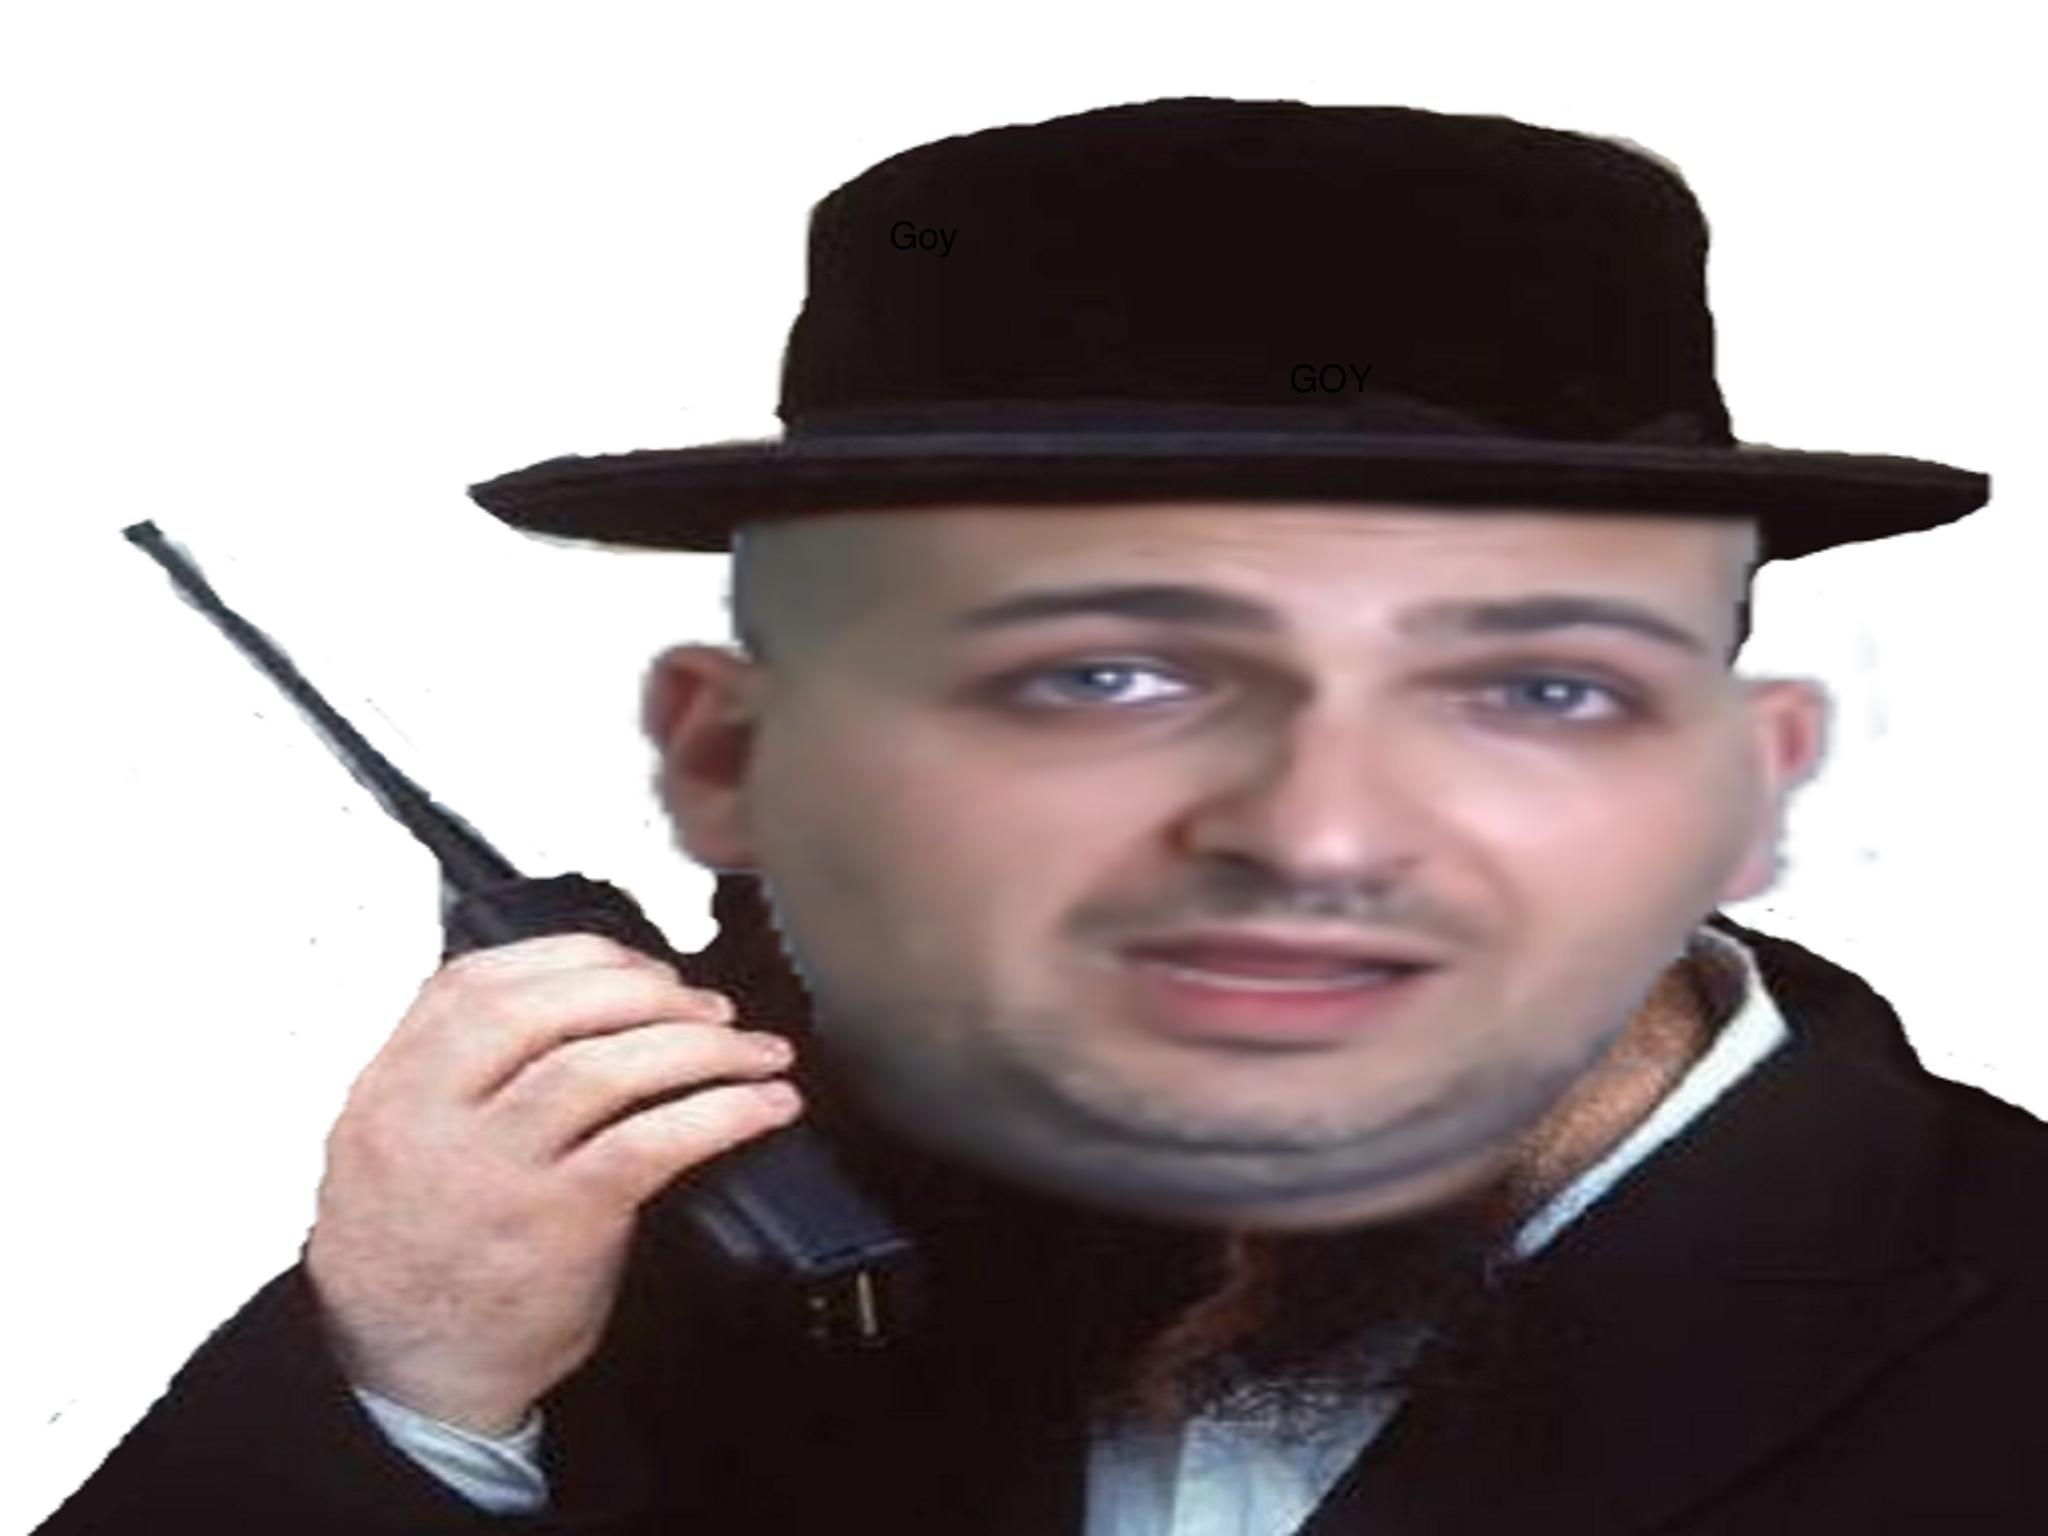 Sticker epenser talkie walkie juif barbe chapeau e penser